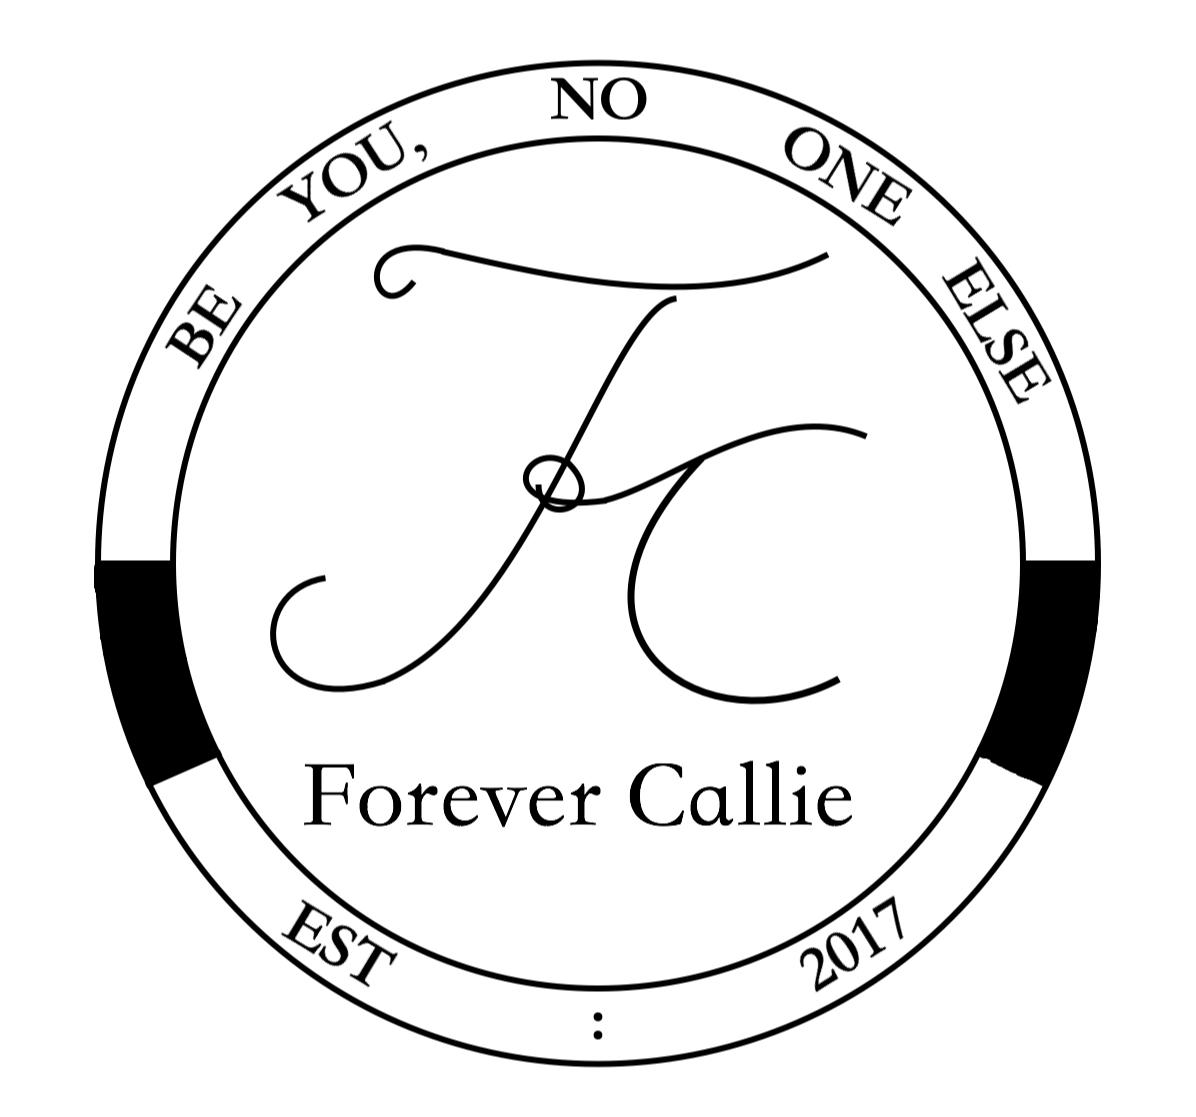 Forever Callie